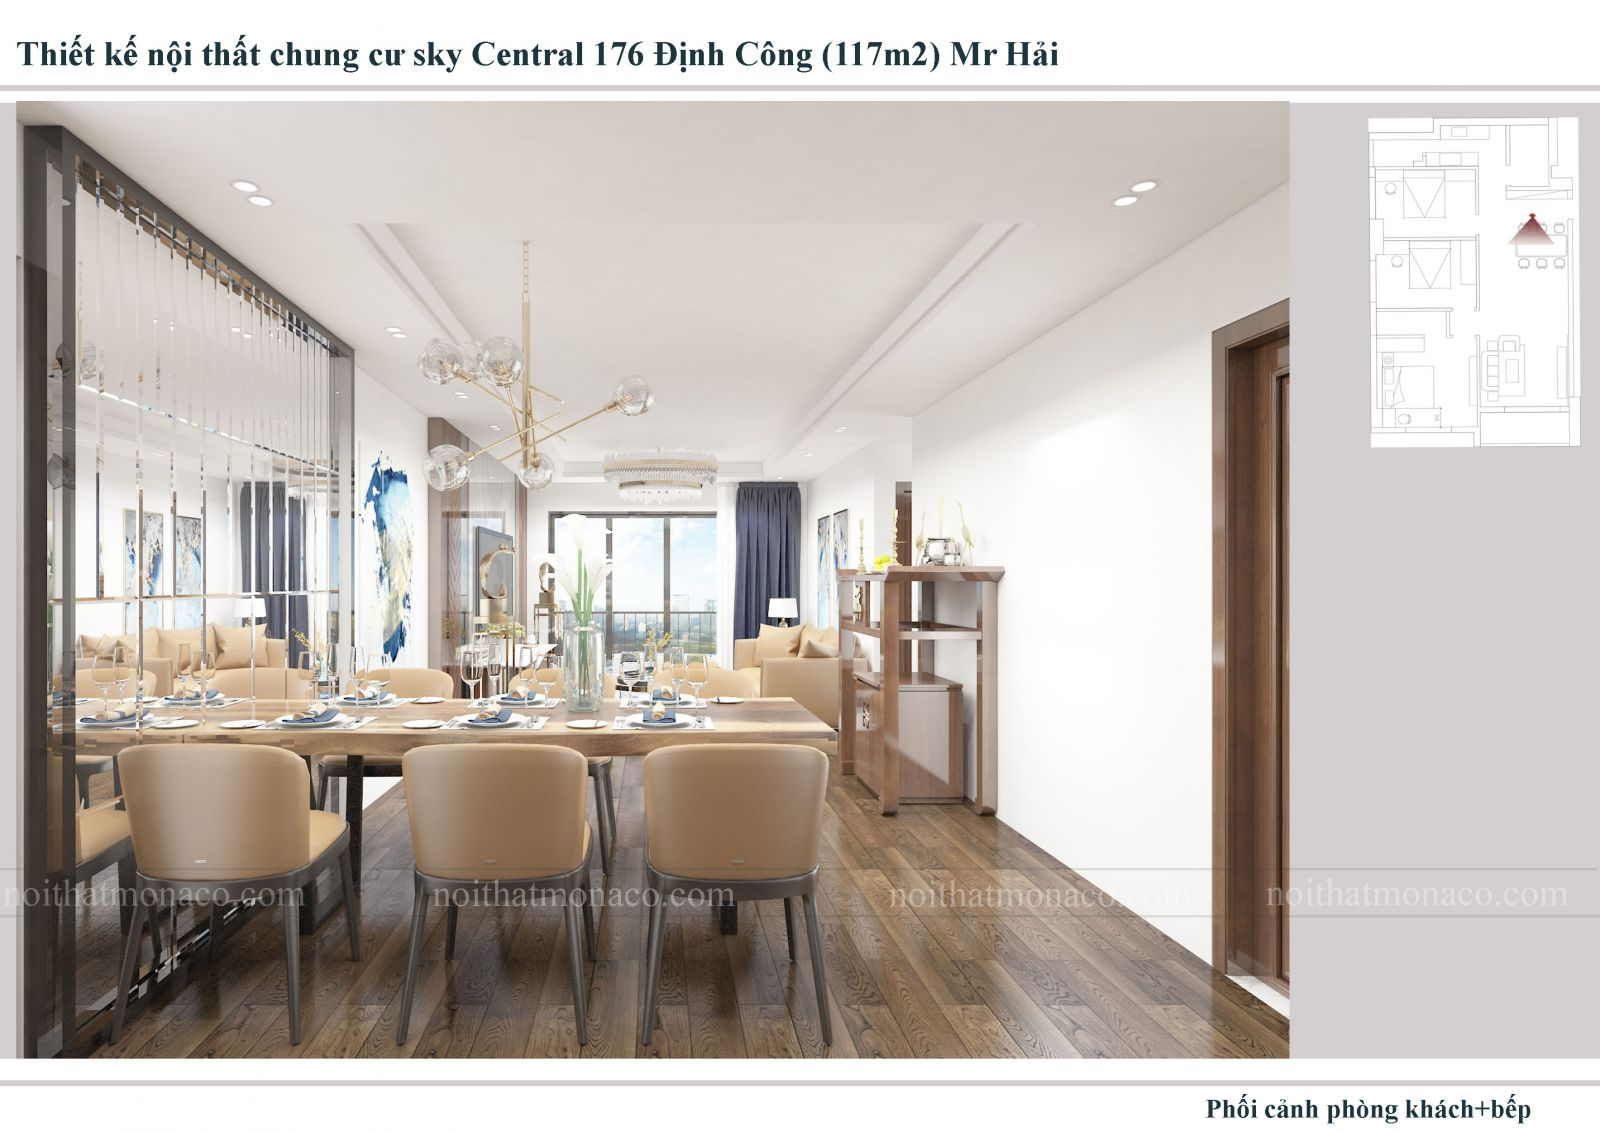 Thiết kế nội thất phòng ăn chung cu sky central